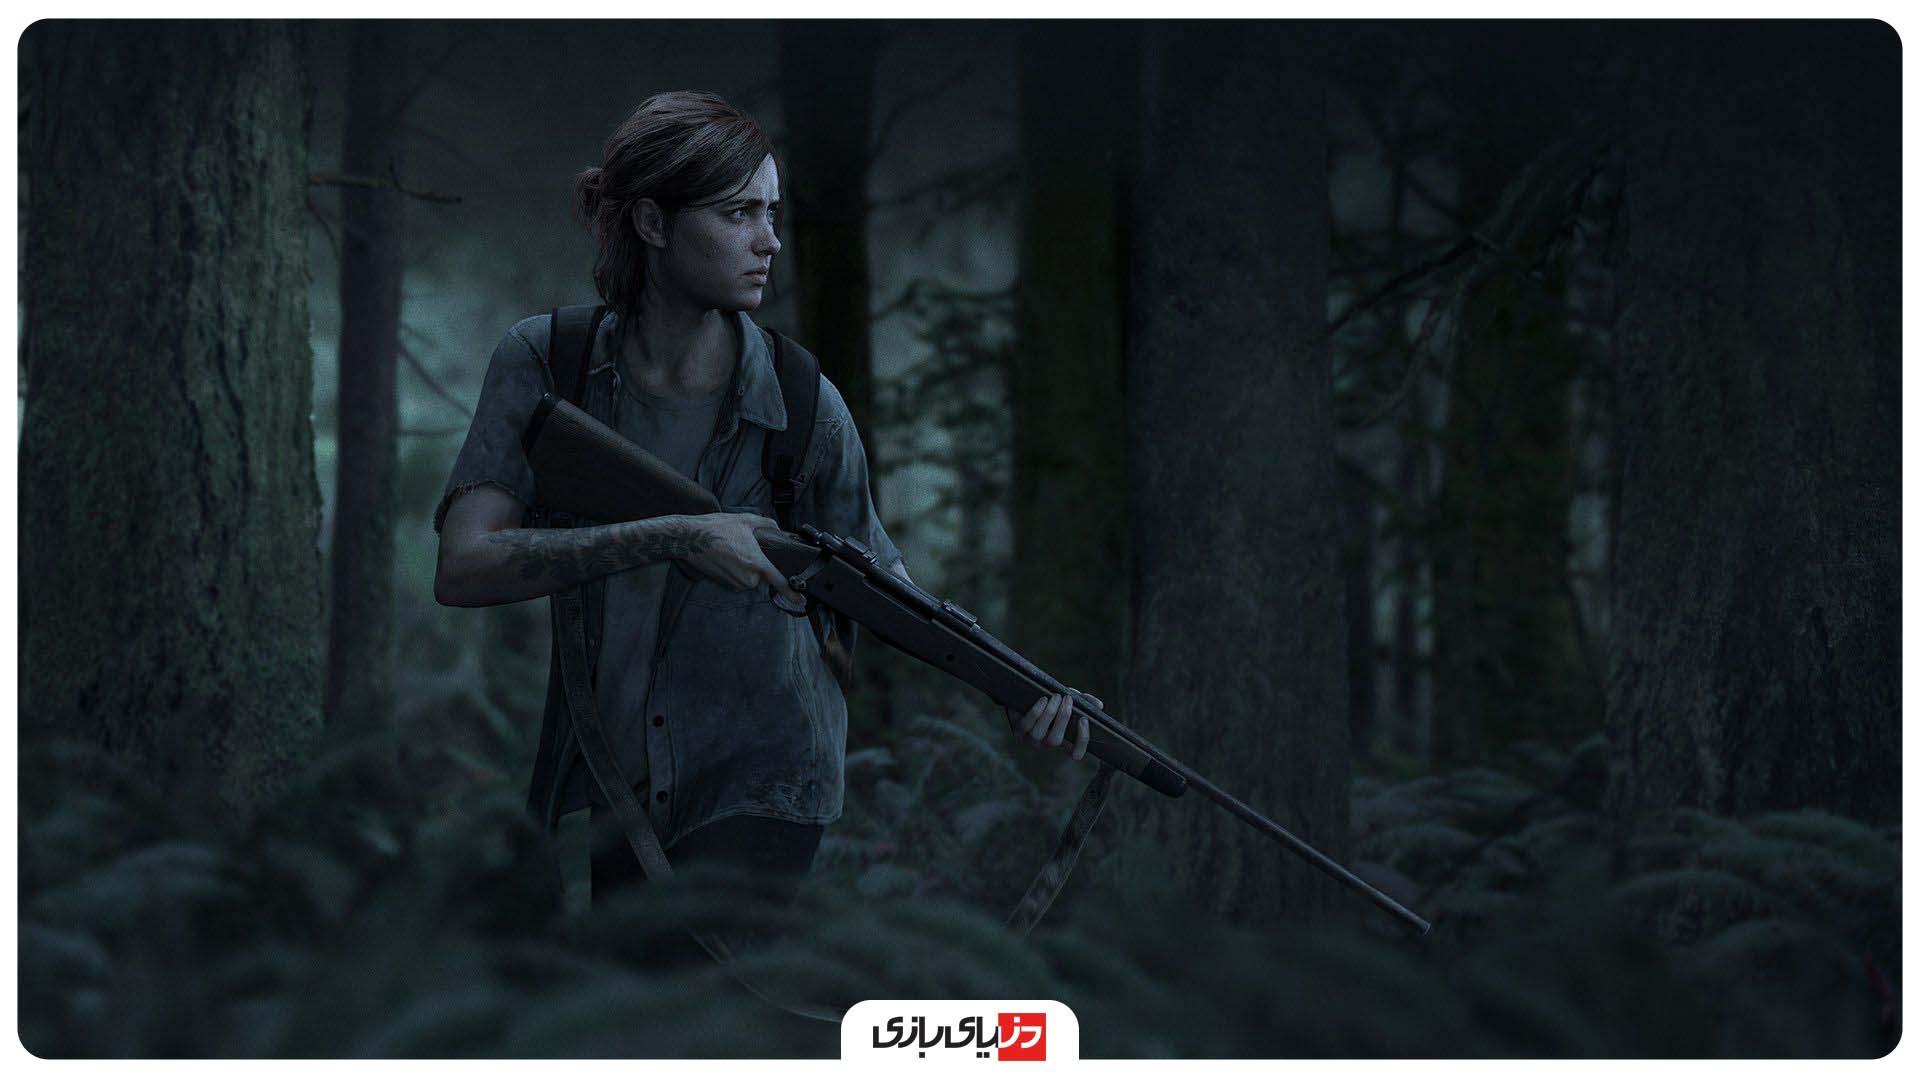 ده برتر - بهترین بازیها از نظر IGN – بازی Last of Us 2